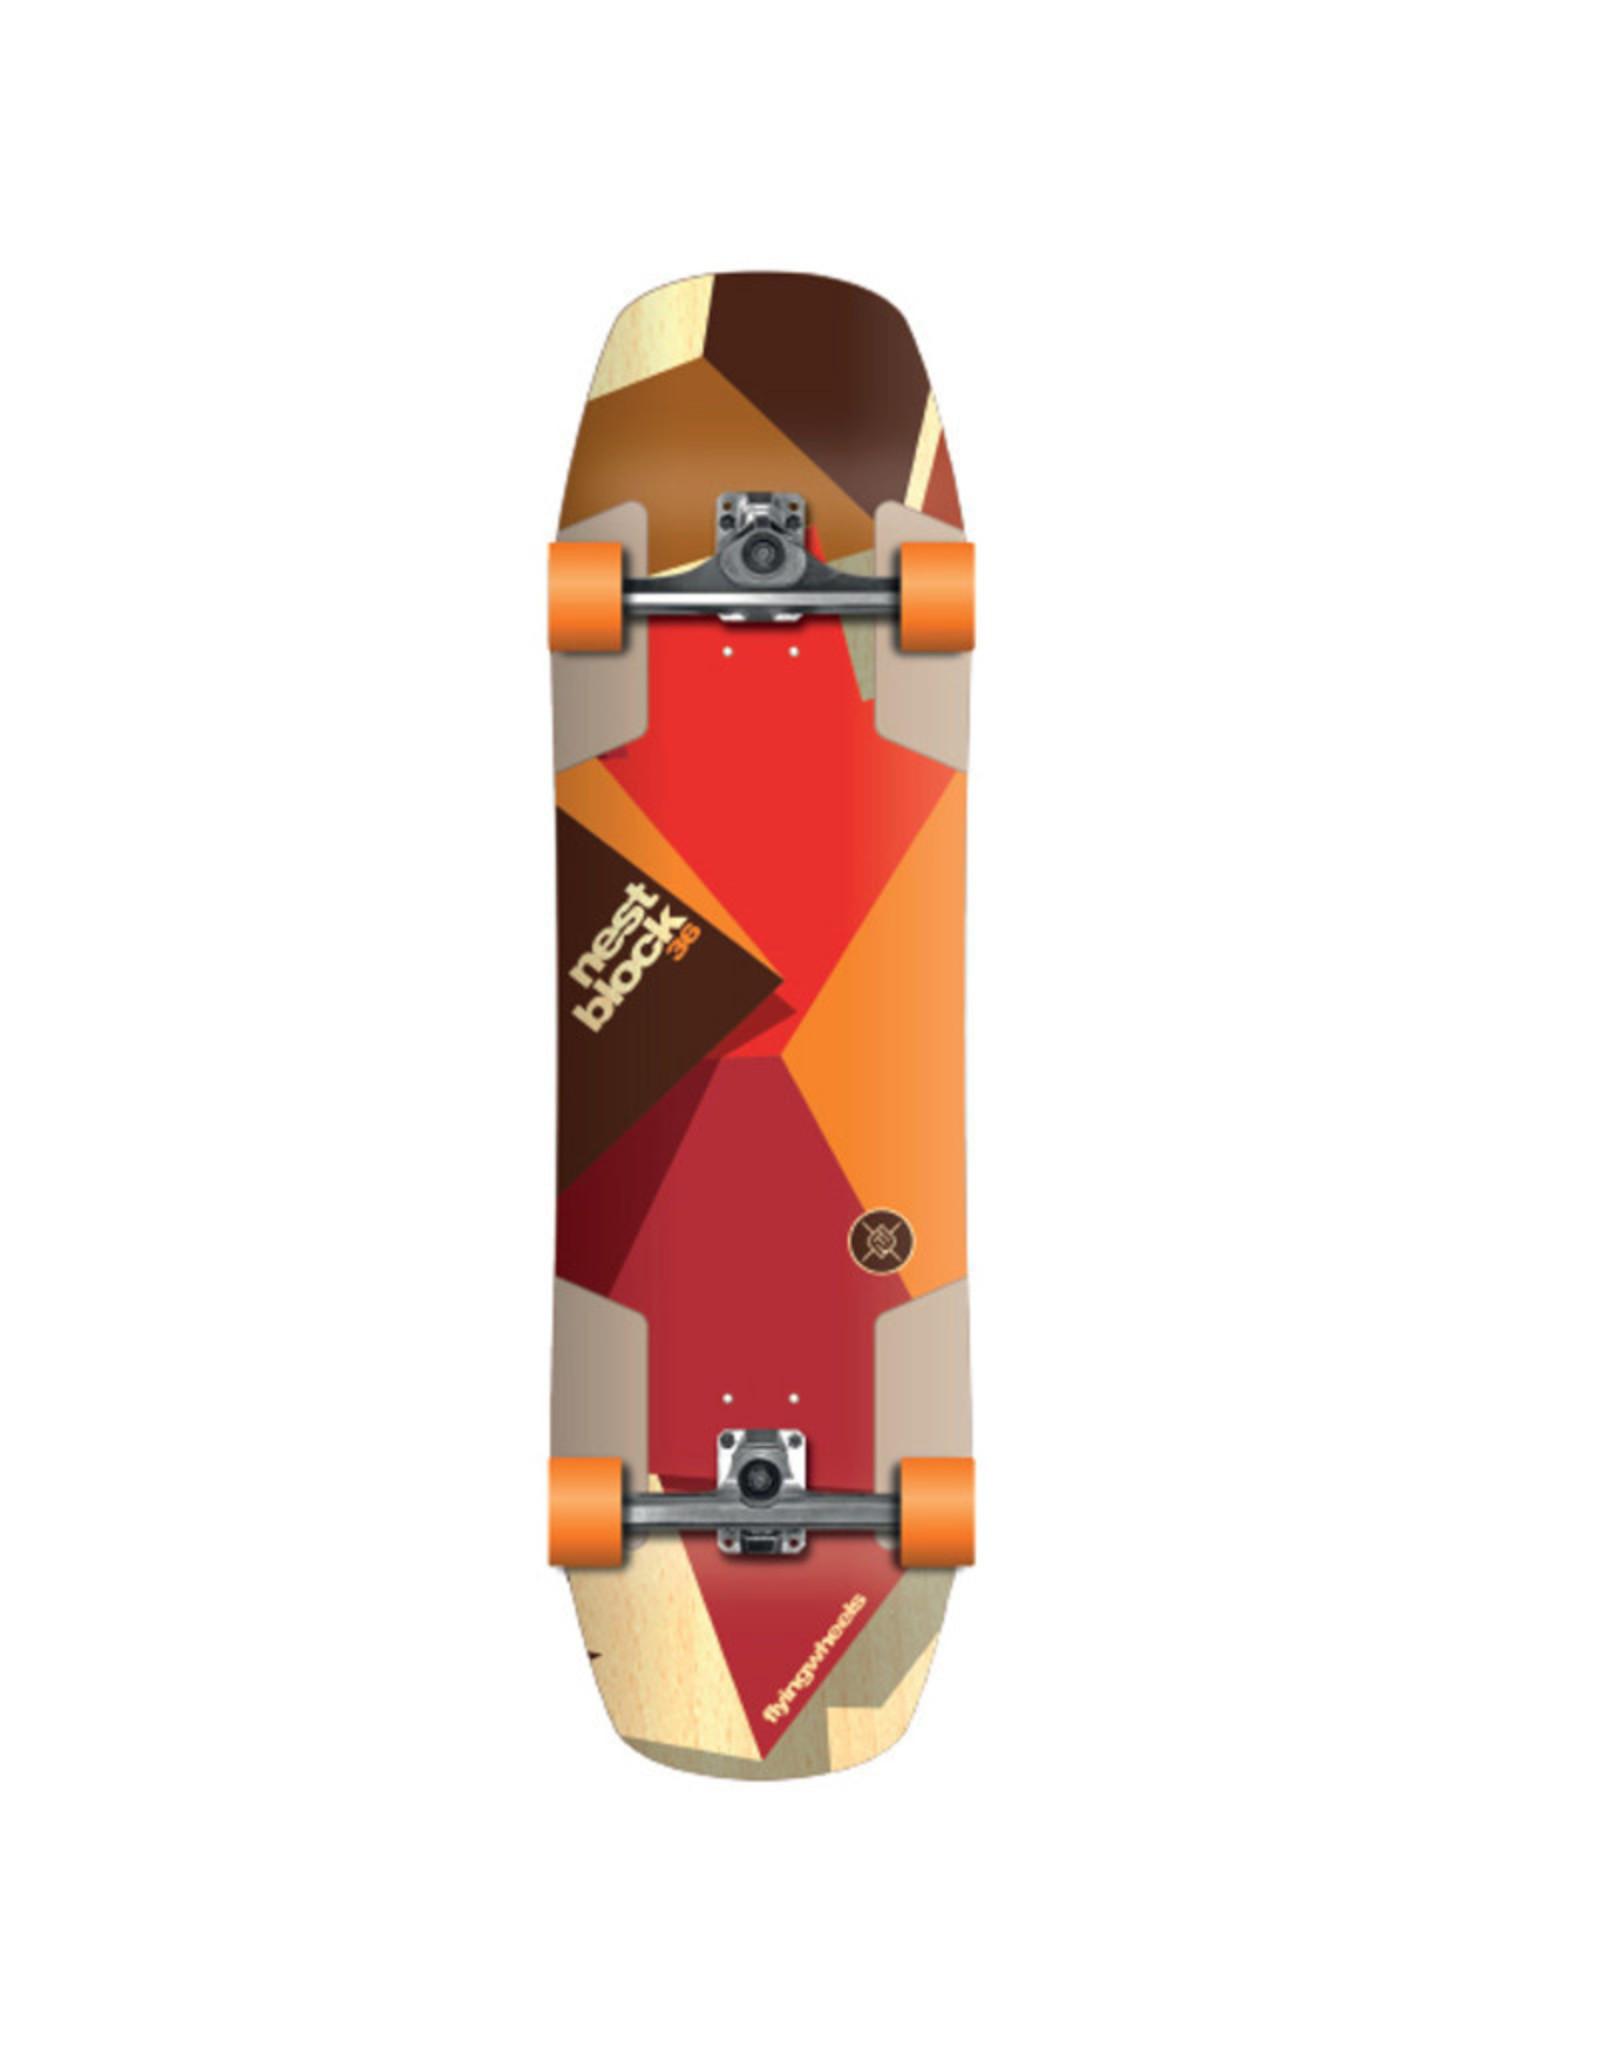 Flying Wheels Flying Wheels Skateboard 36 Nestblock STR Longboard Skateboard